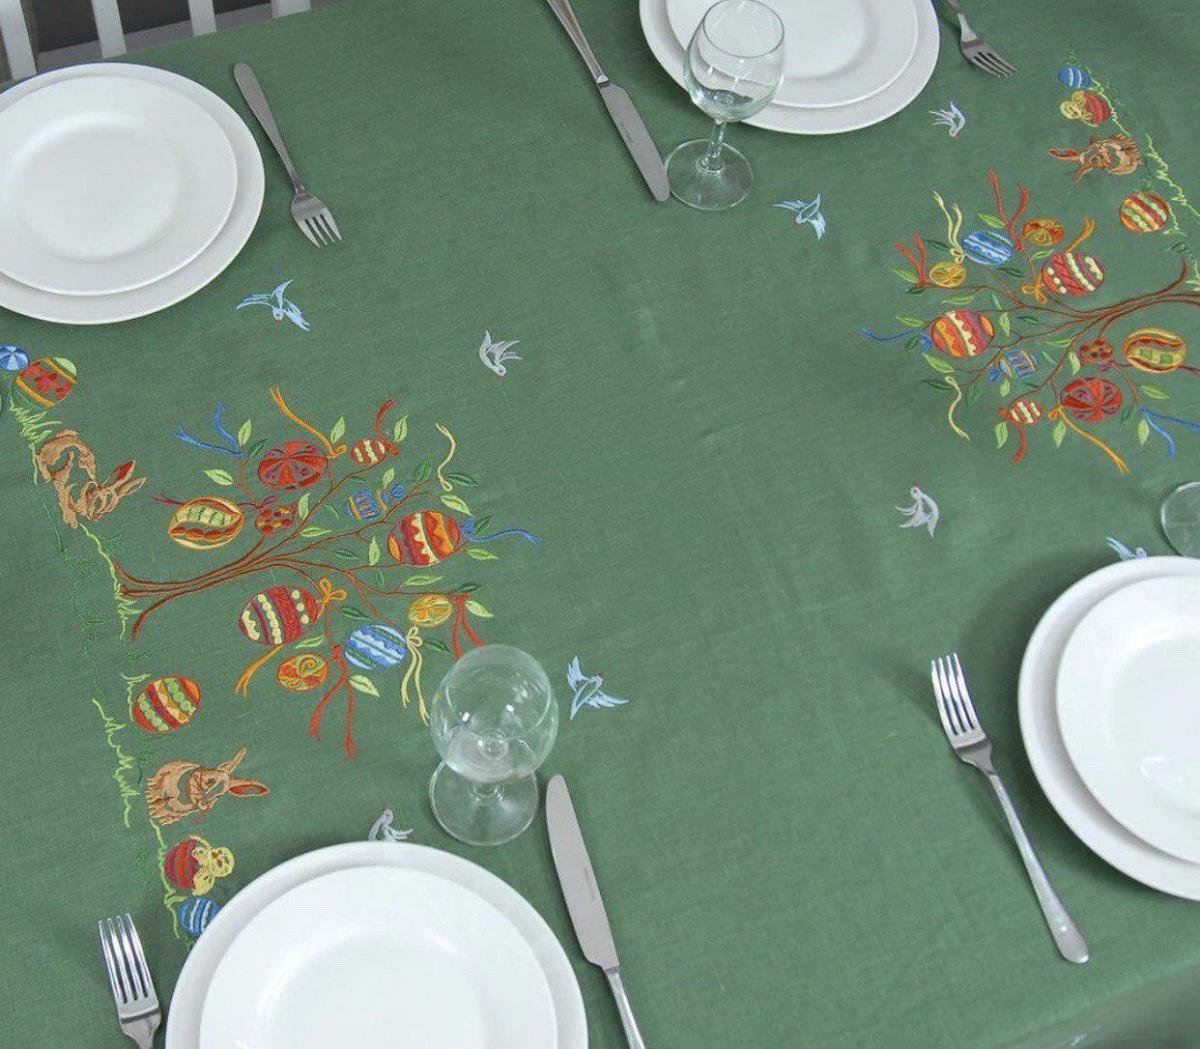 Лляна скатертина на  стіл 240*140 см, Великдень . Фото №2.   Народний дім Україна